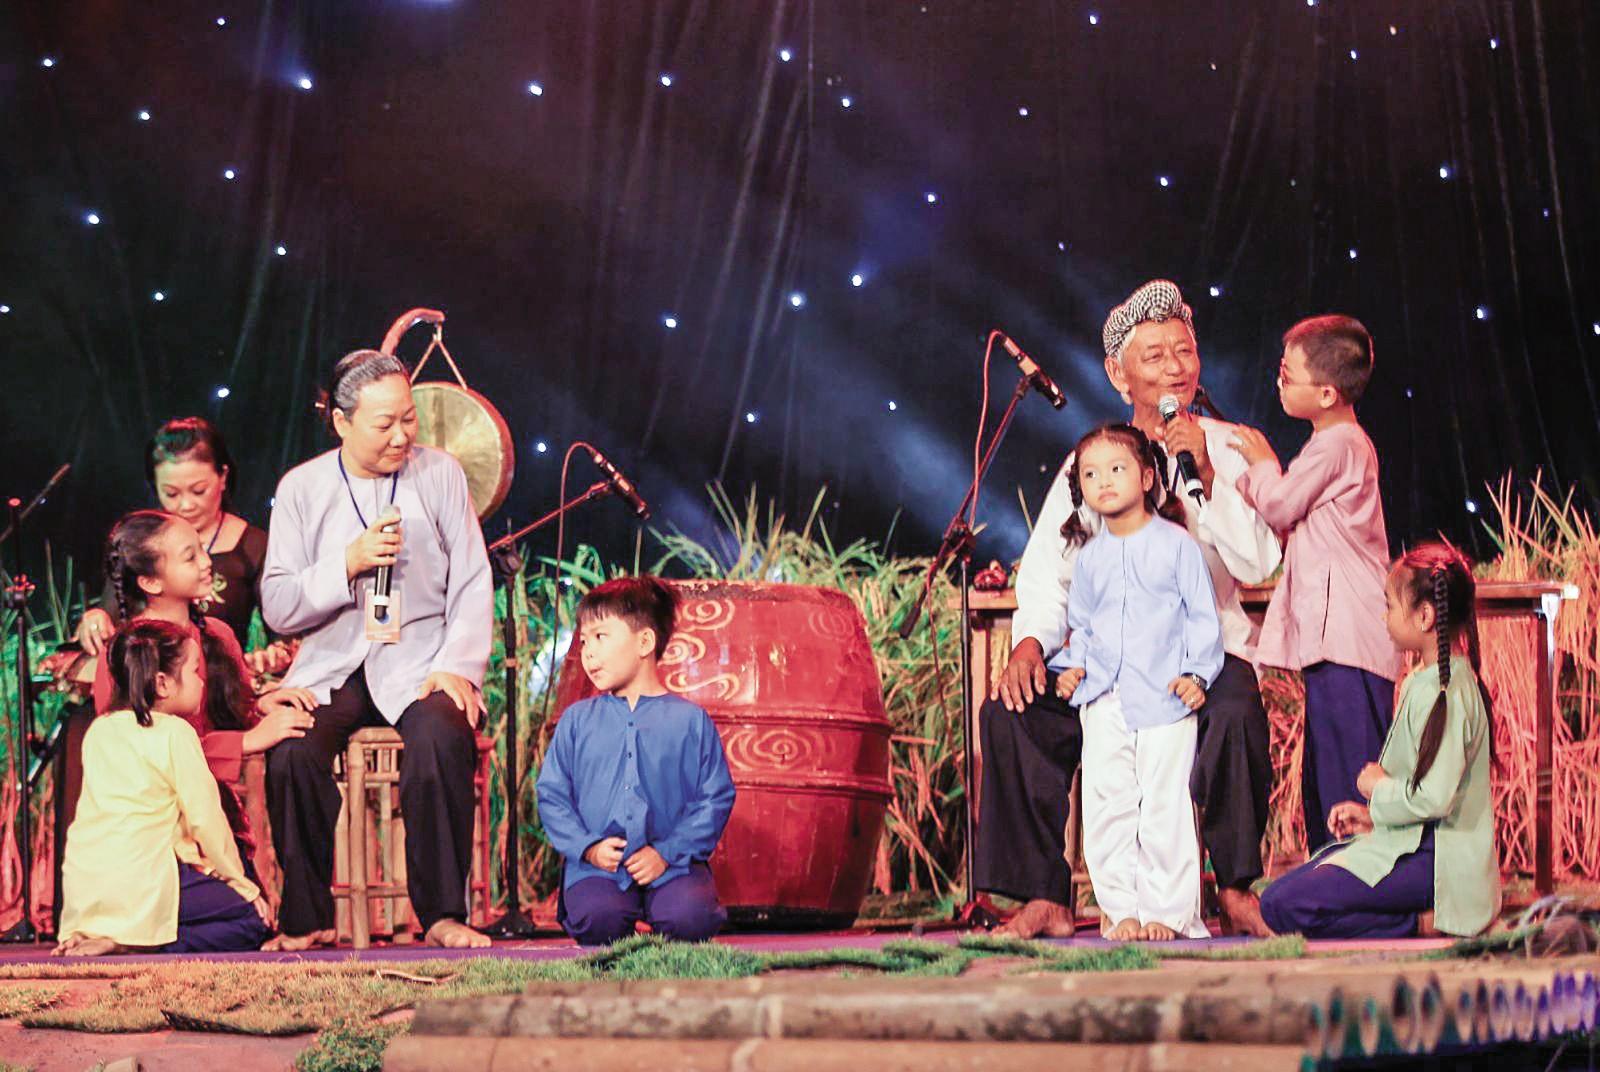 Câu đố trong văn hóa dân gian Việt Nam